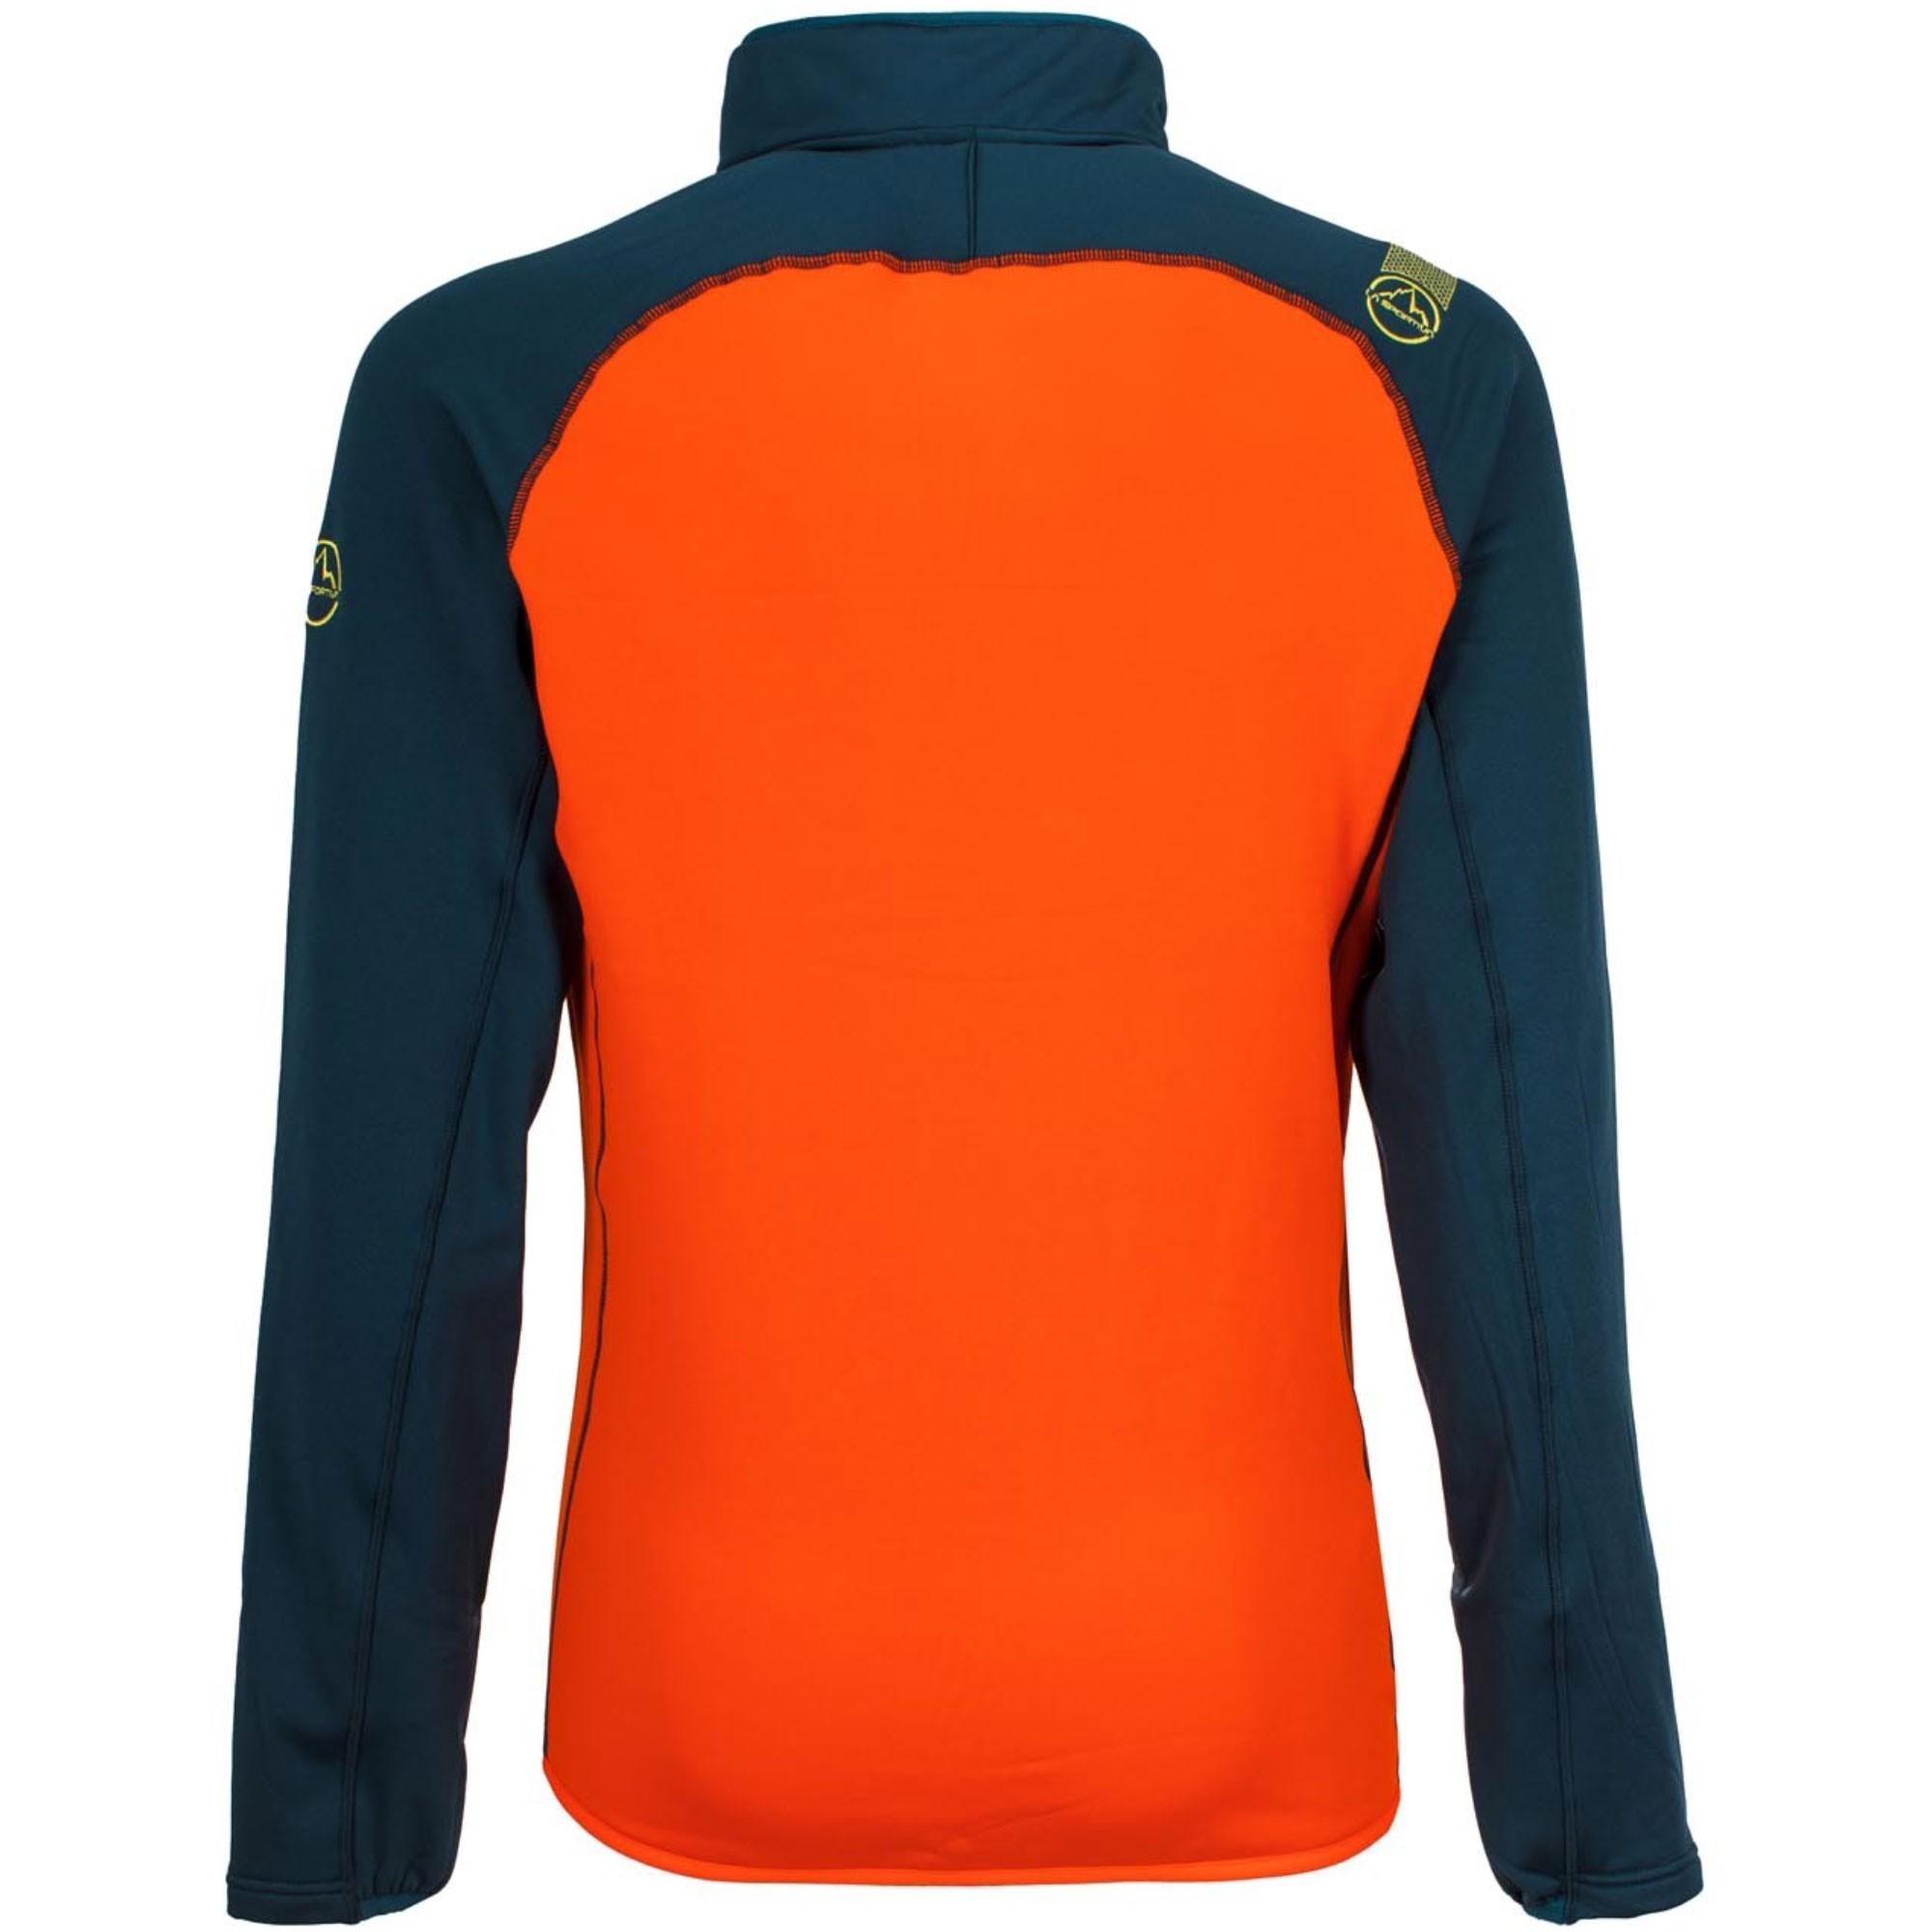 La-Sportiva-Orbit-Jacket-Lava-Ocean-B-W17